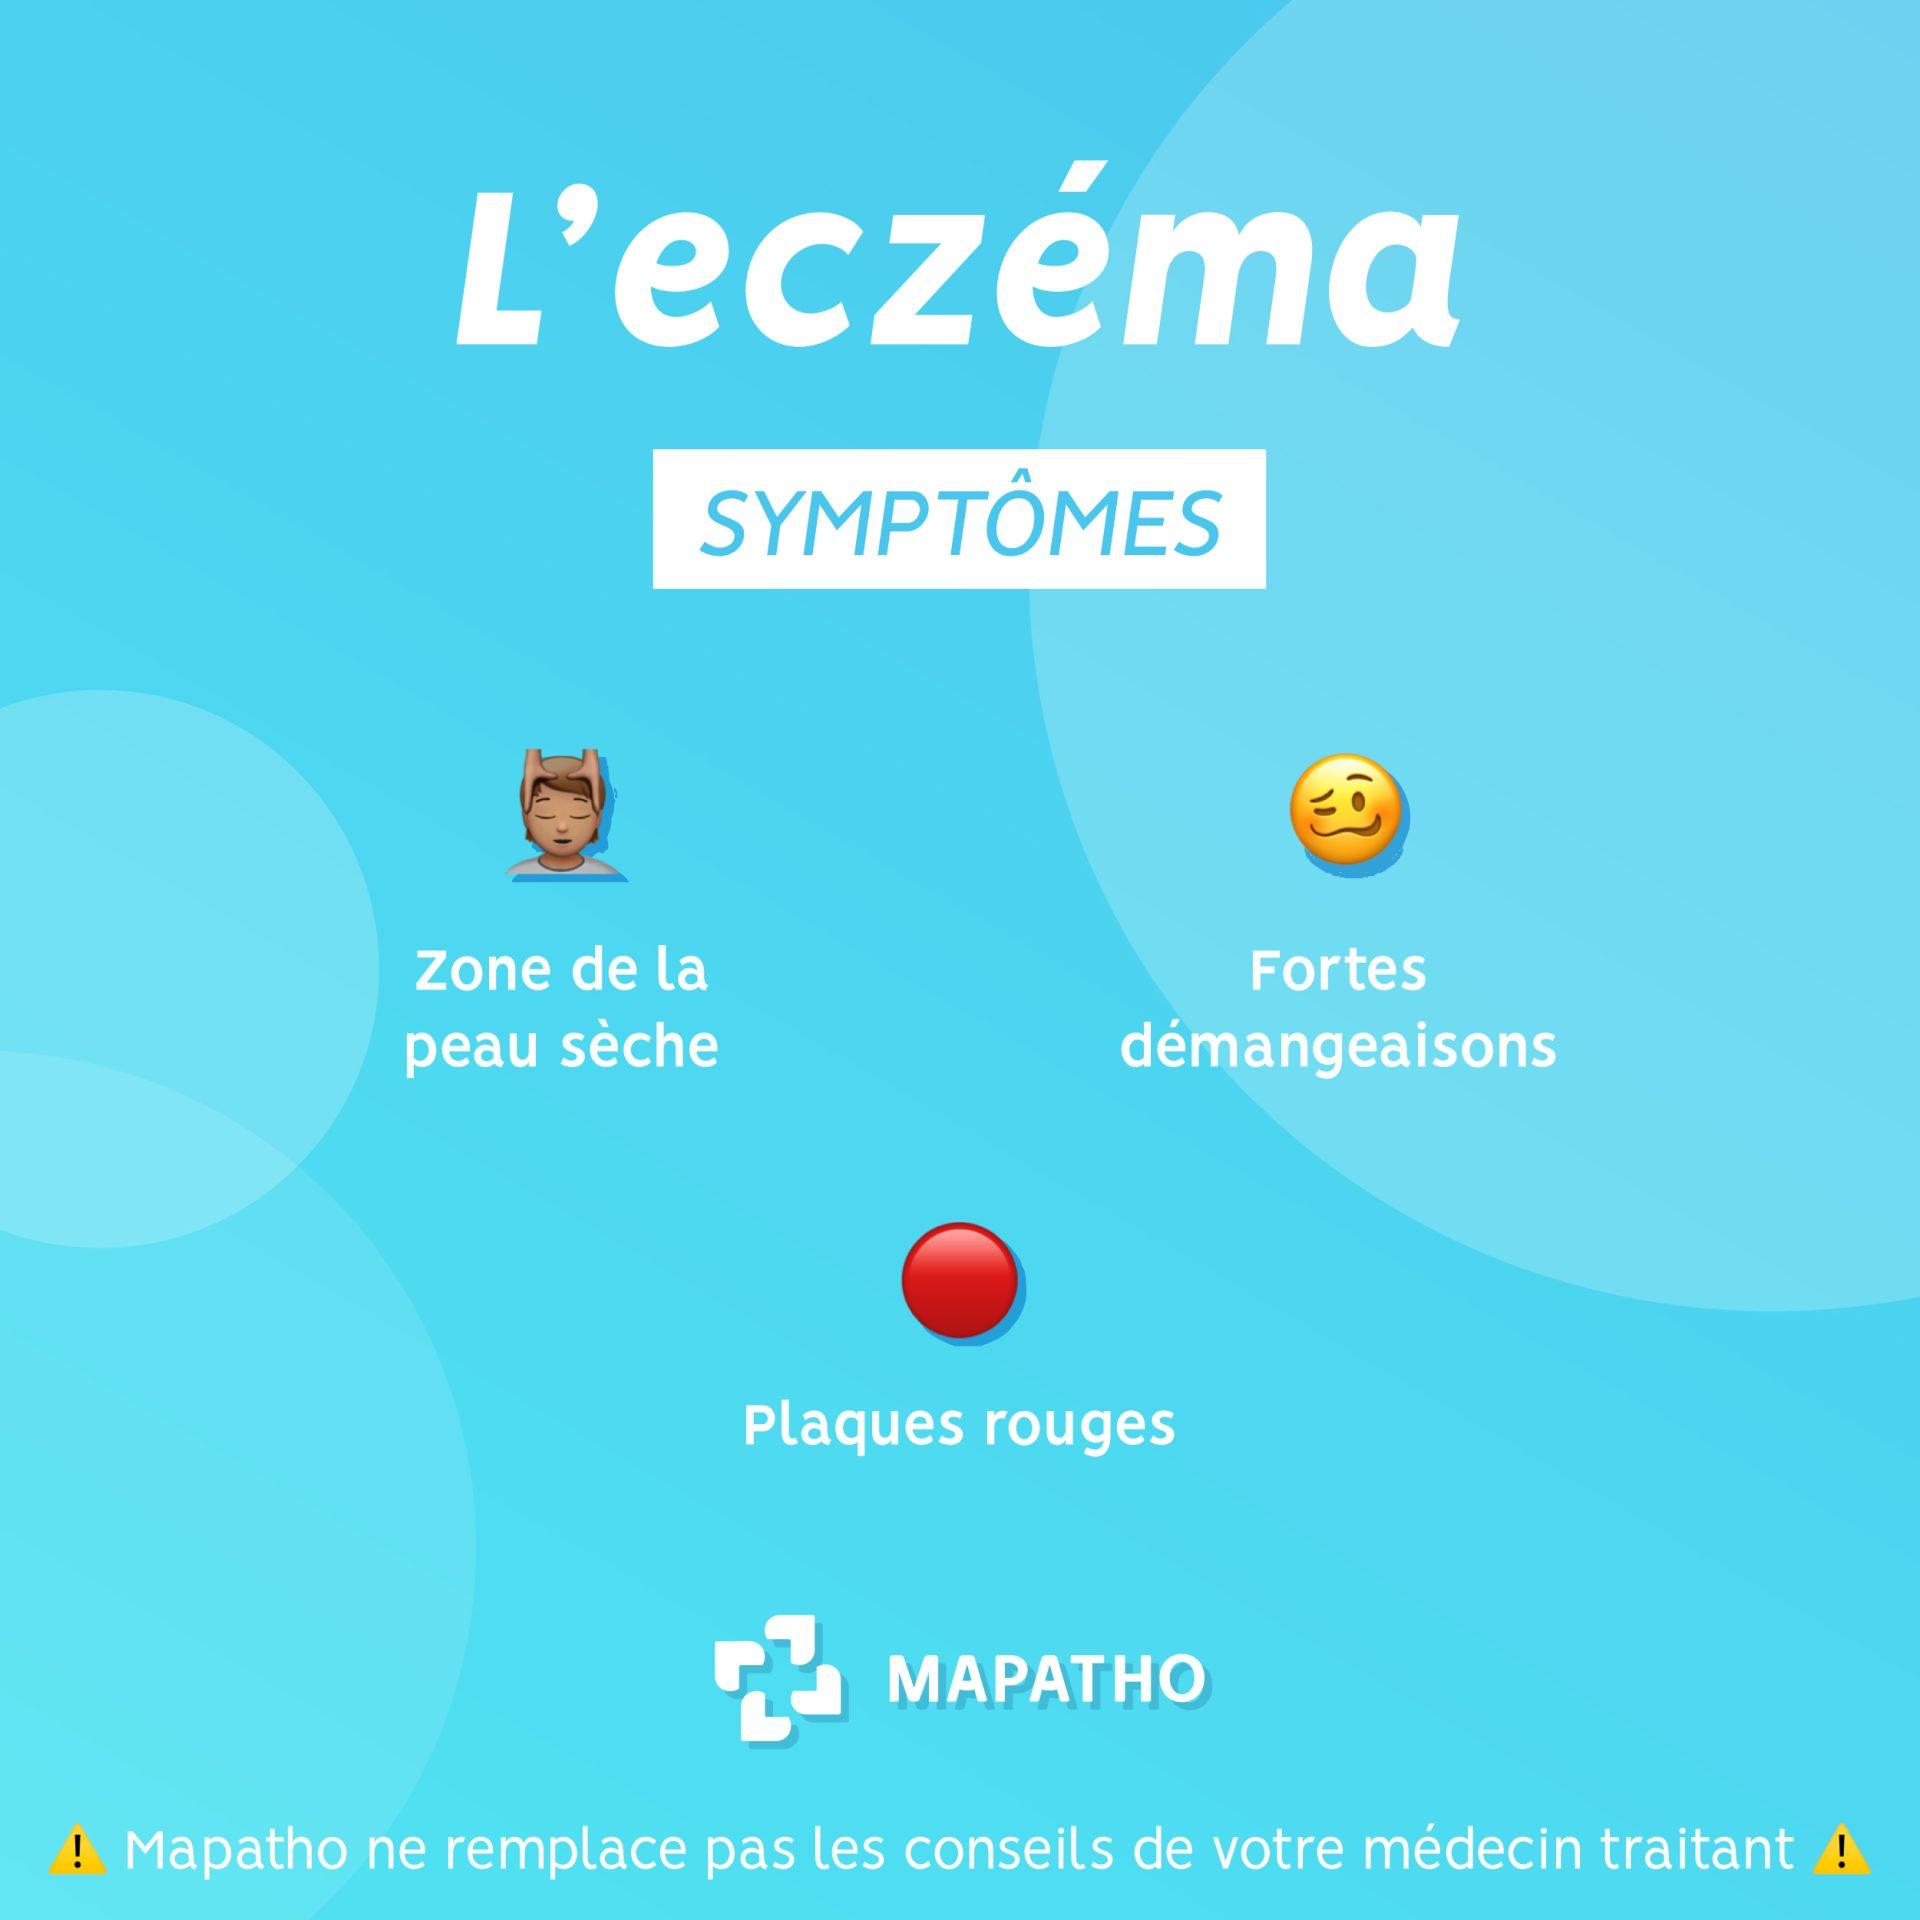 Les symptomes de l'eczema